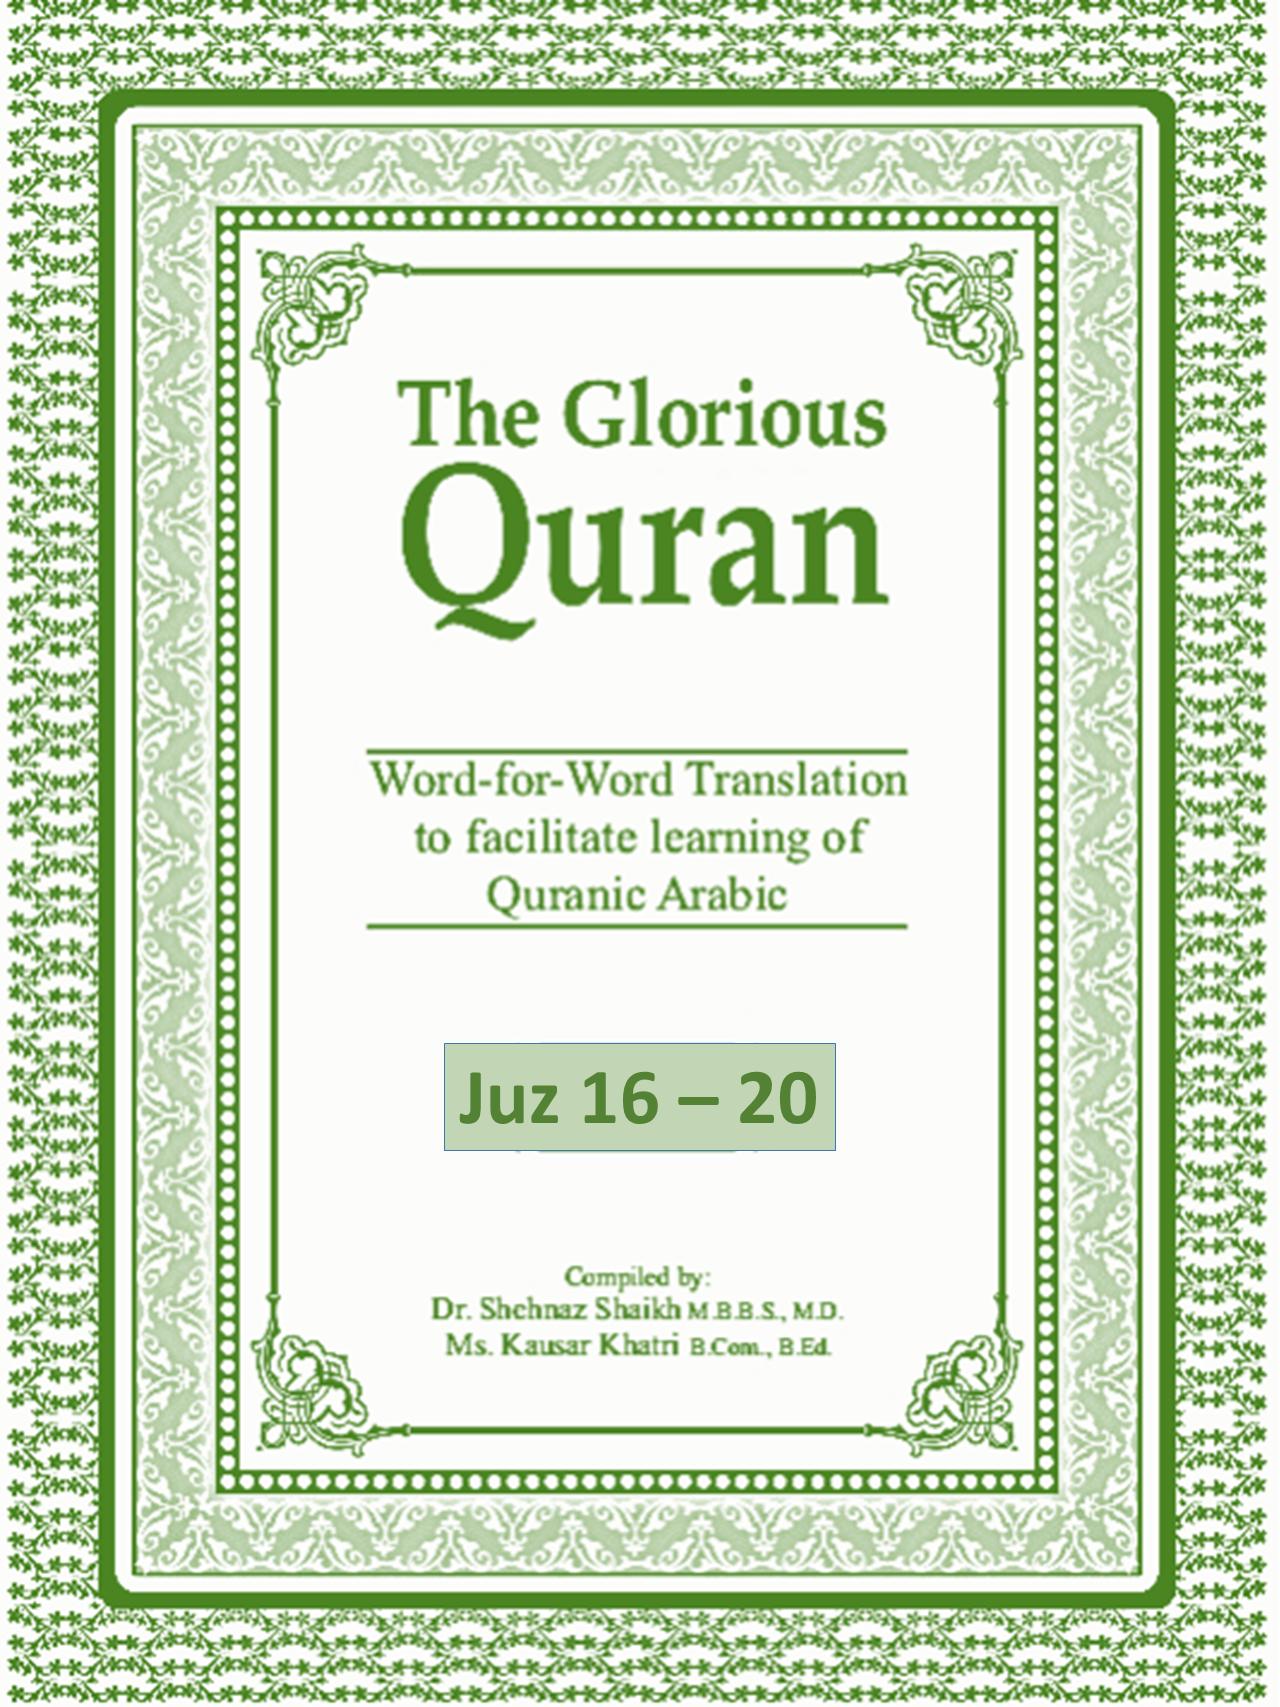 The Glorious Quran Vol 1 (Juz 16-20)